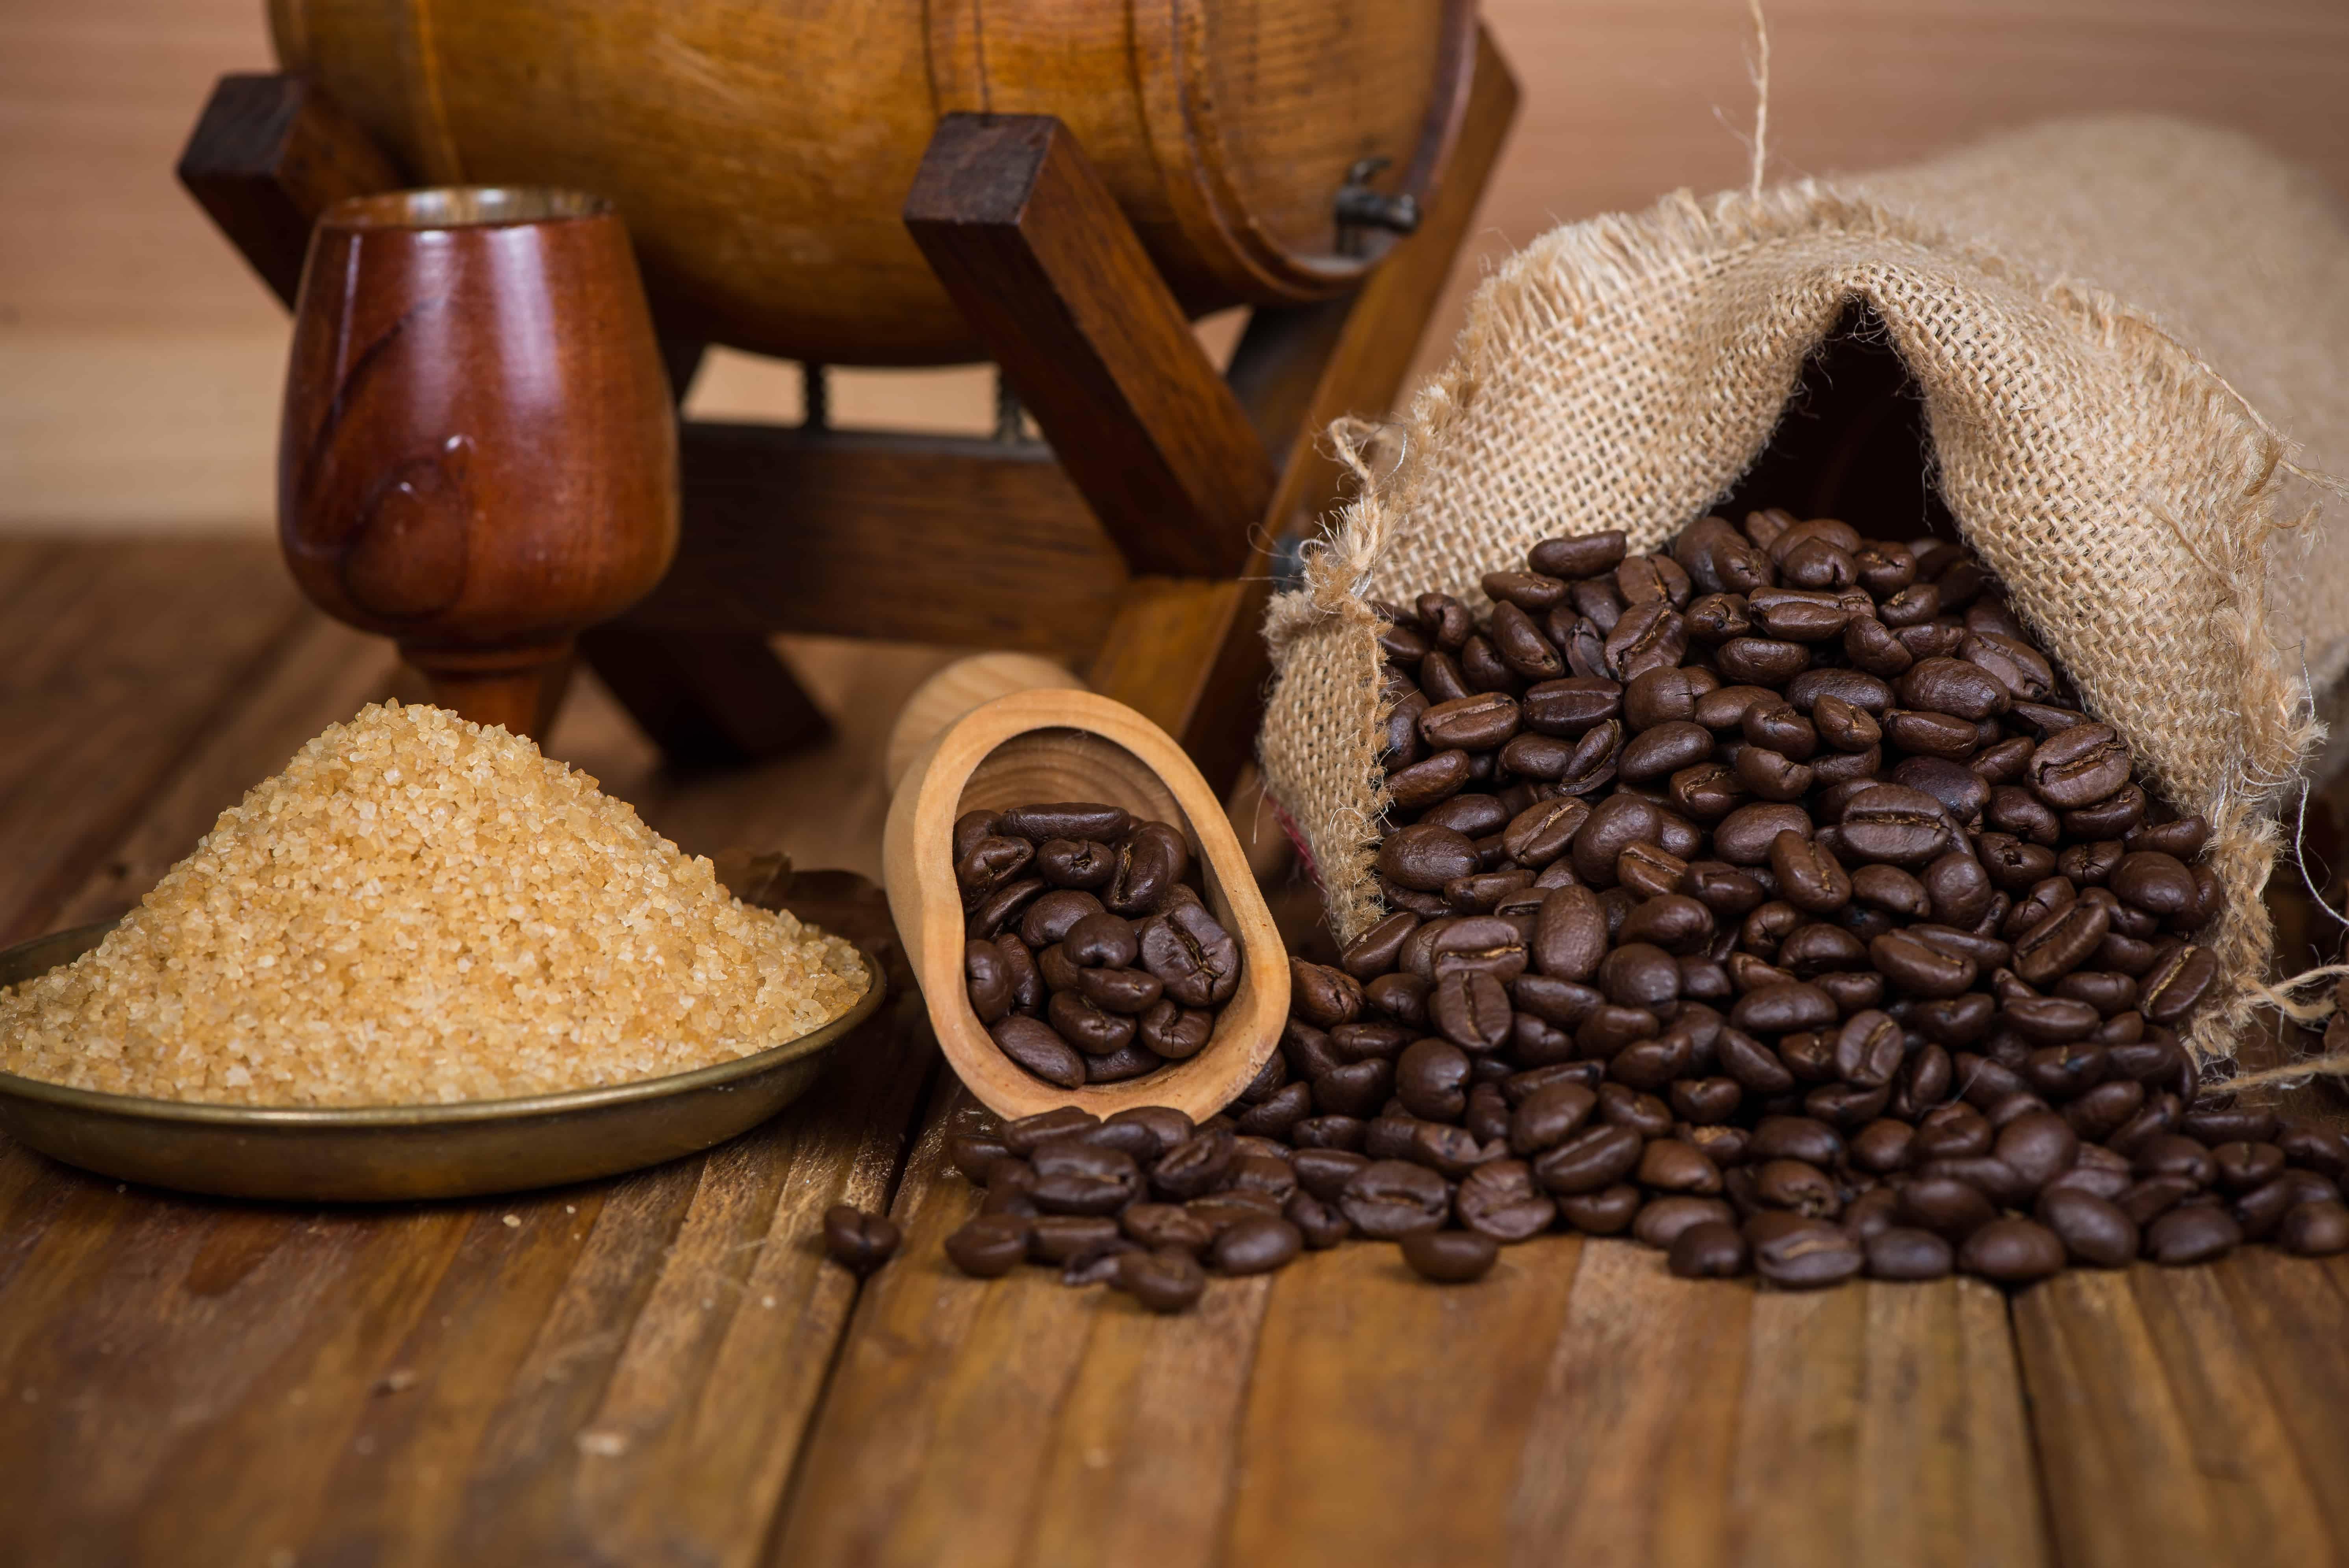 Kaffee aus Kuba: Test & Empfehlungen (01/20)